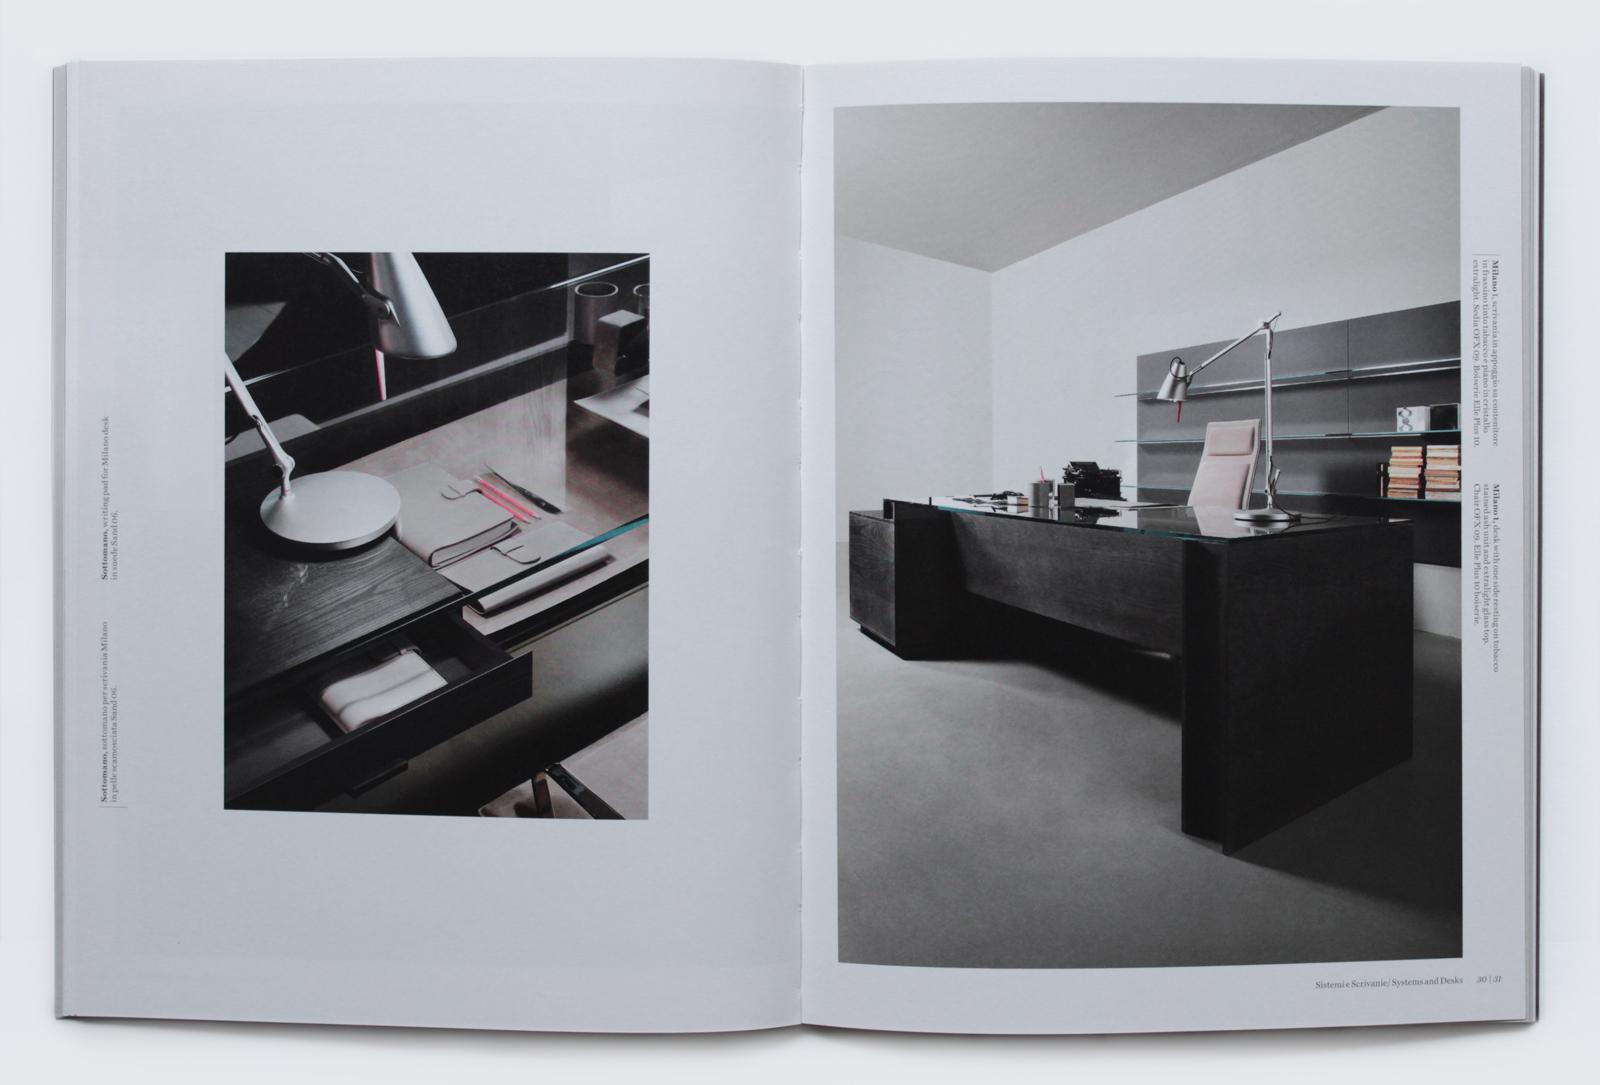 02_Gallotti&Radice_ufficio_Silvia Fanticelli